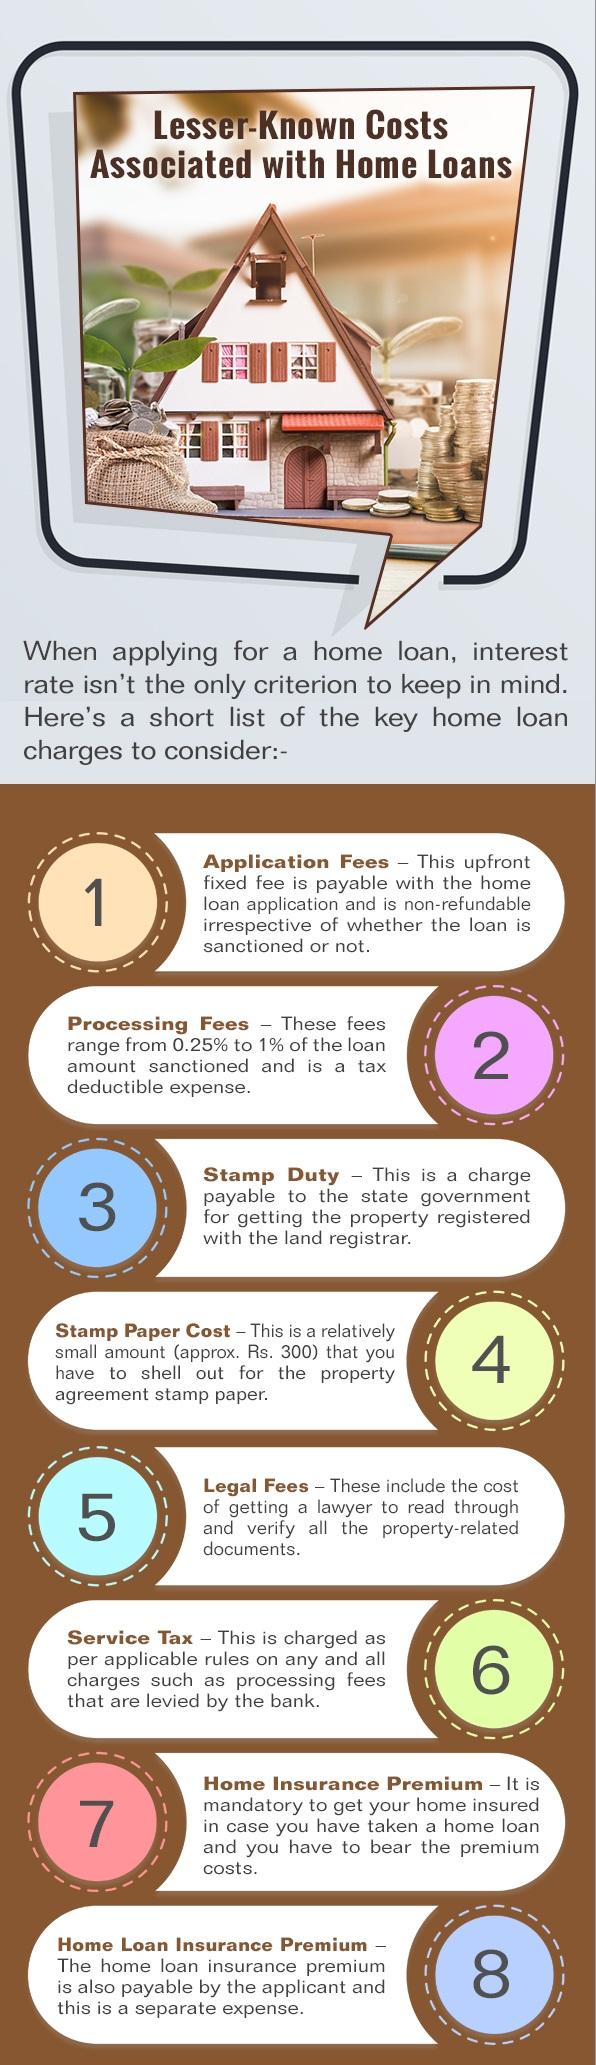 32bf406168233cdffd415c1f9ba33c7a - How To Apply For Bank Loan And Get It Sanctioned